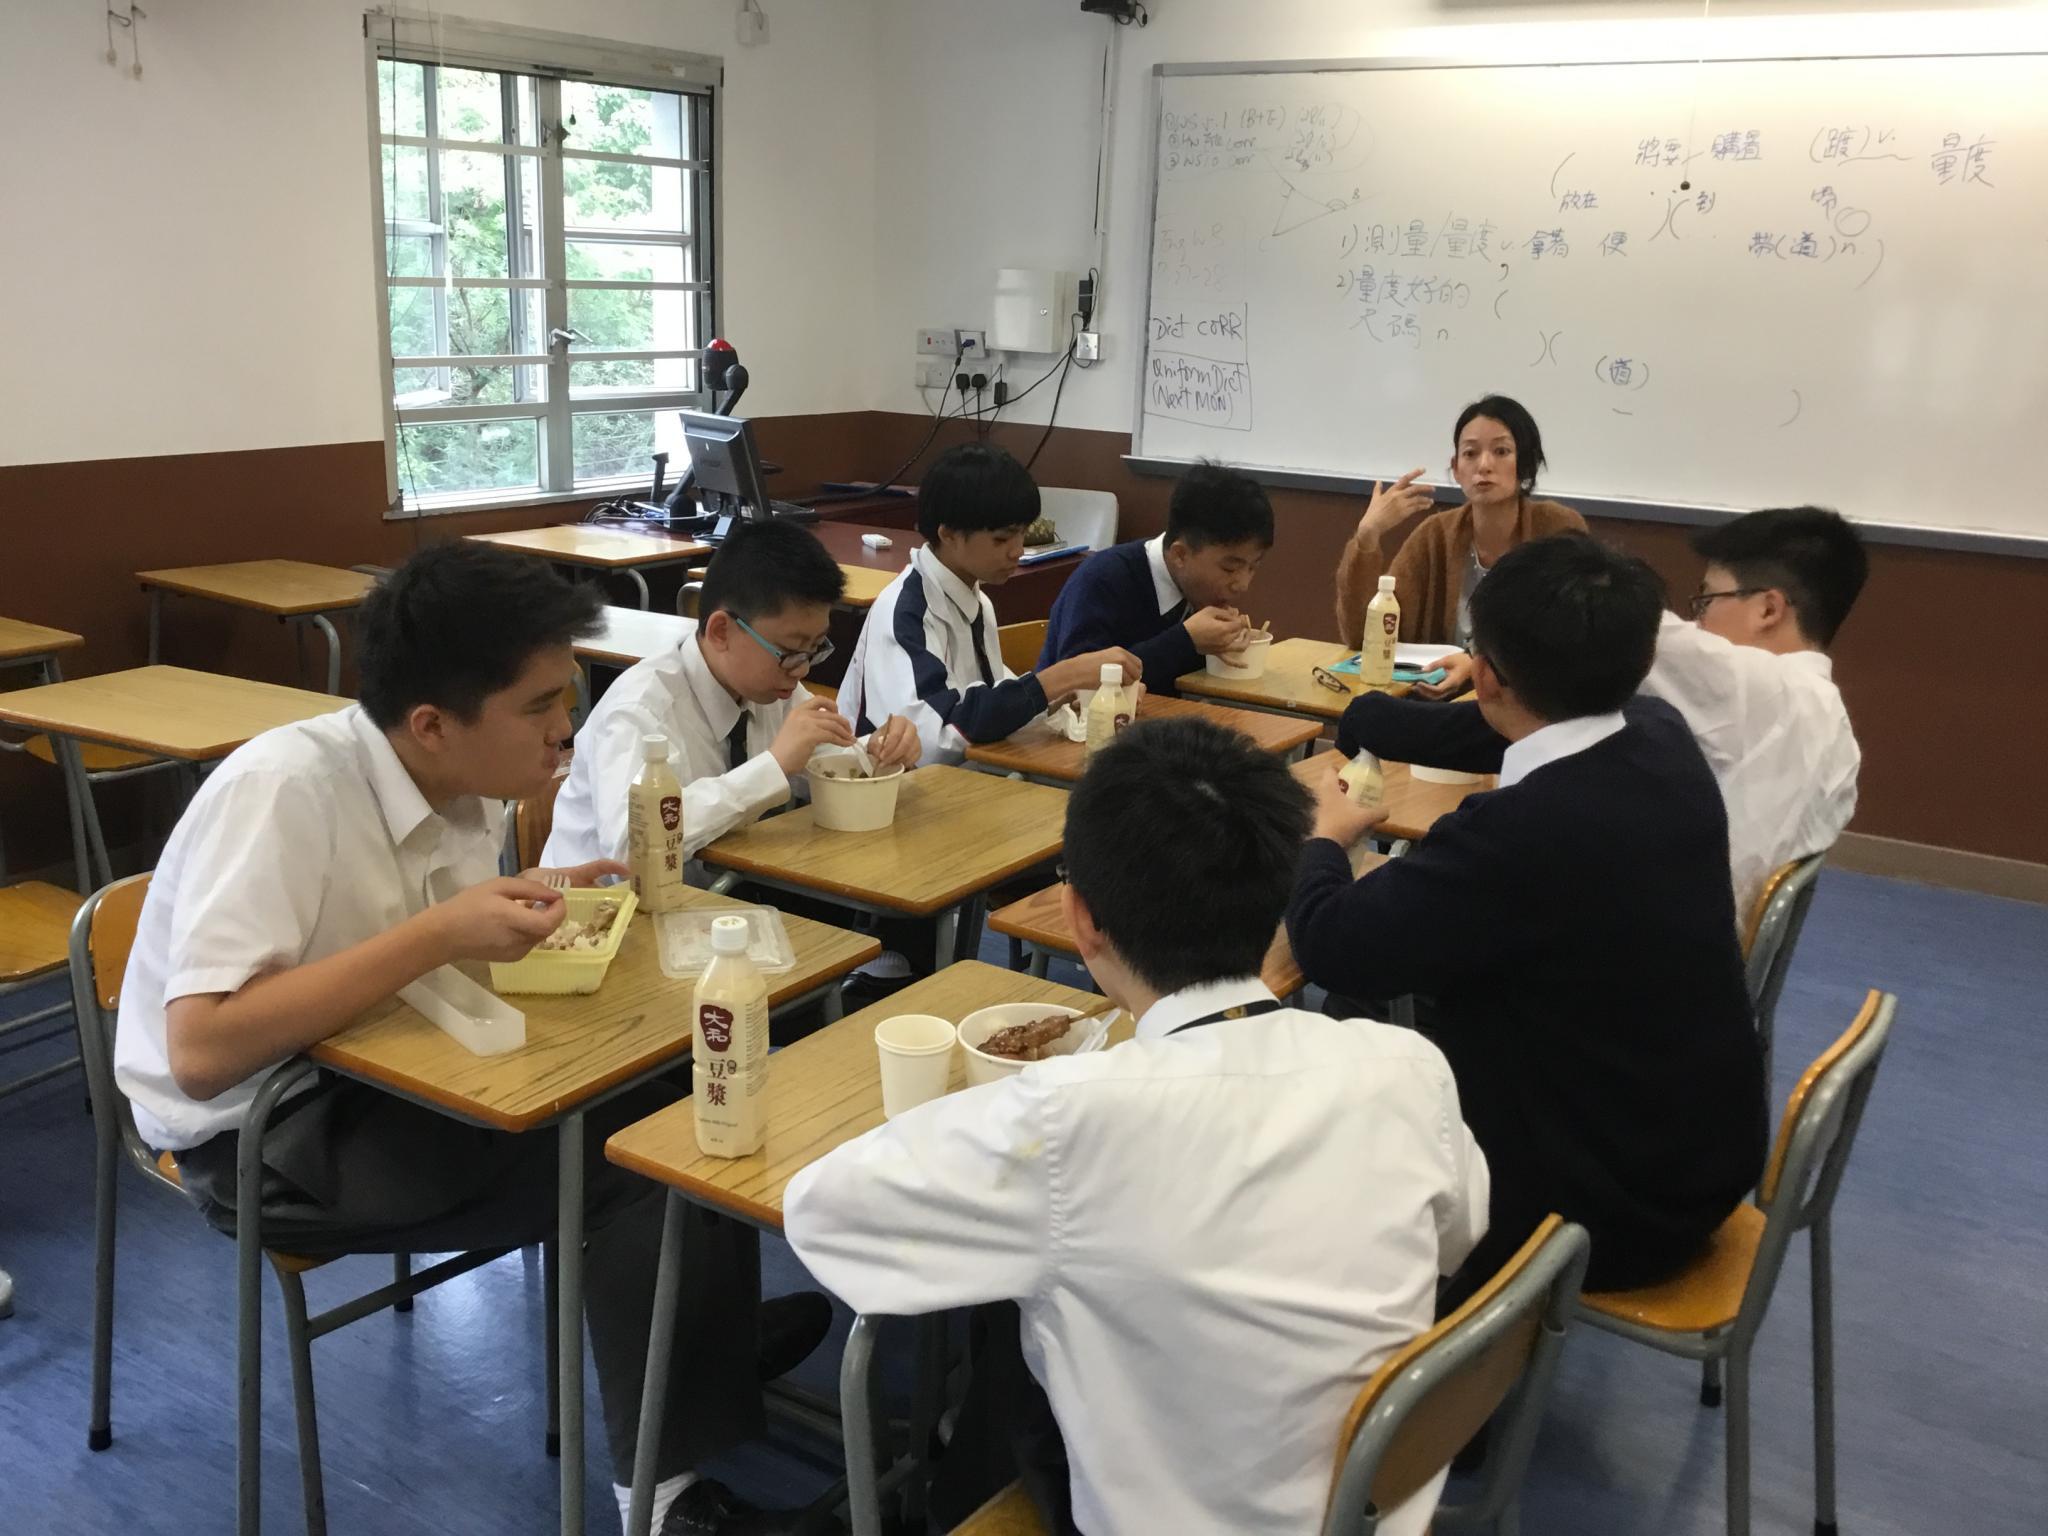 Ms. Siu is meeting Ralph Leung, Jack Wu, Jacky Tso, Alex Wong, Manson Tse, Ronnie Luk and Scott Wong of 2E.